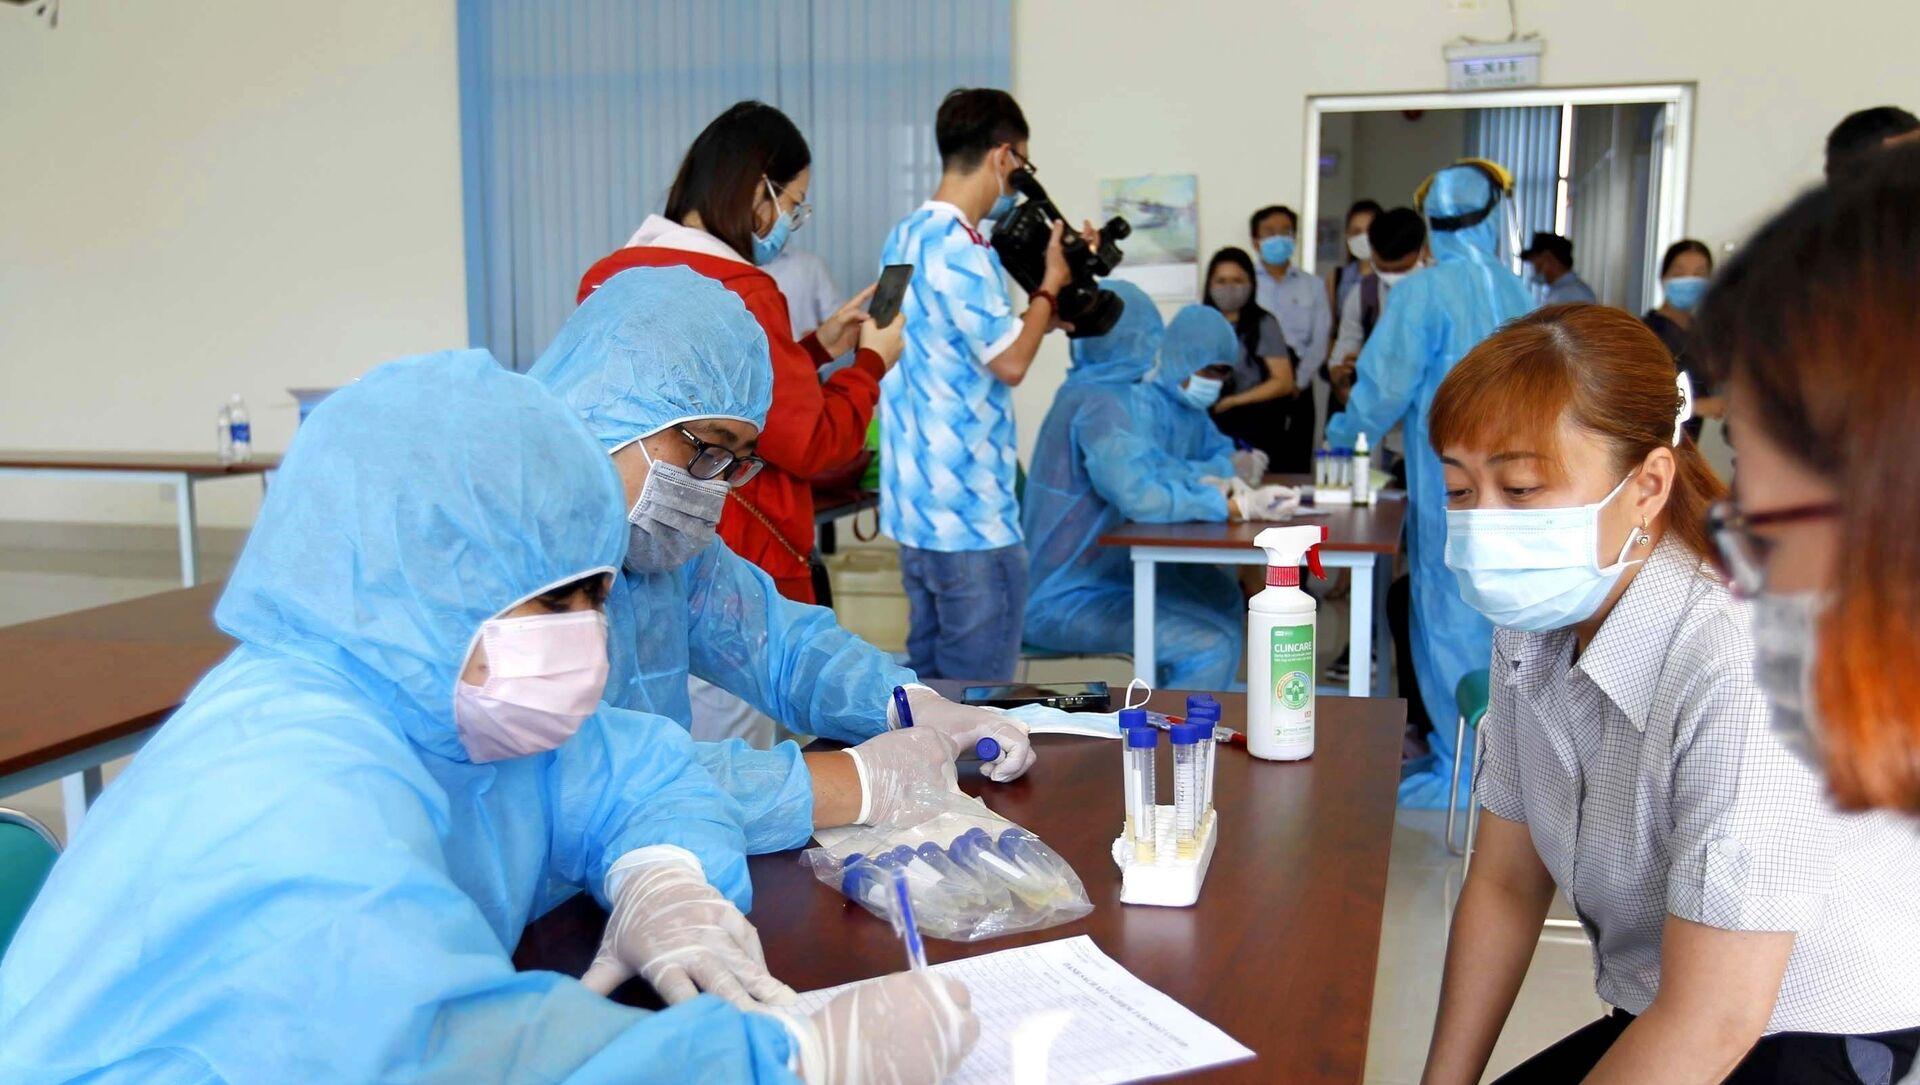 Đơn vị chức năng xét nghiệm sàng lọc COVID-19 ngẫu nhiên cho công nhân tại Công ty TNHH Kim May Organ Việt Nam. - Sputnik Việt Nam, 1920, 29.05.2021